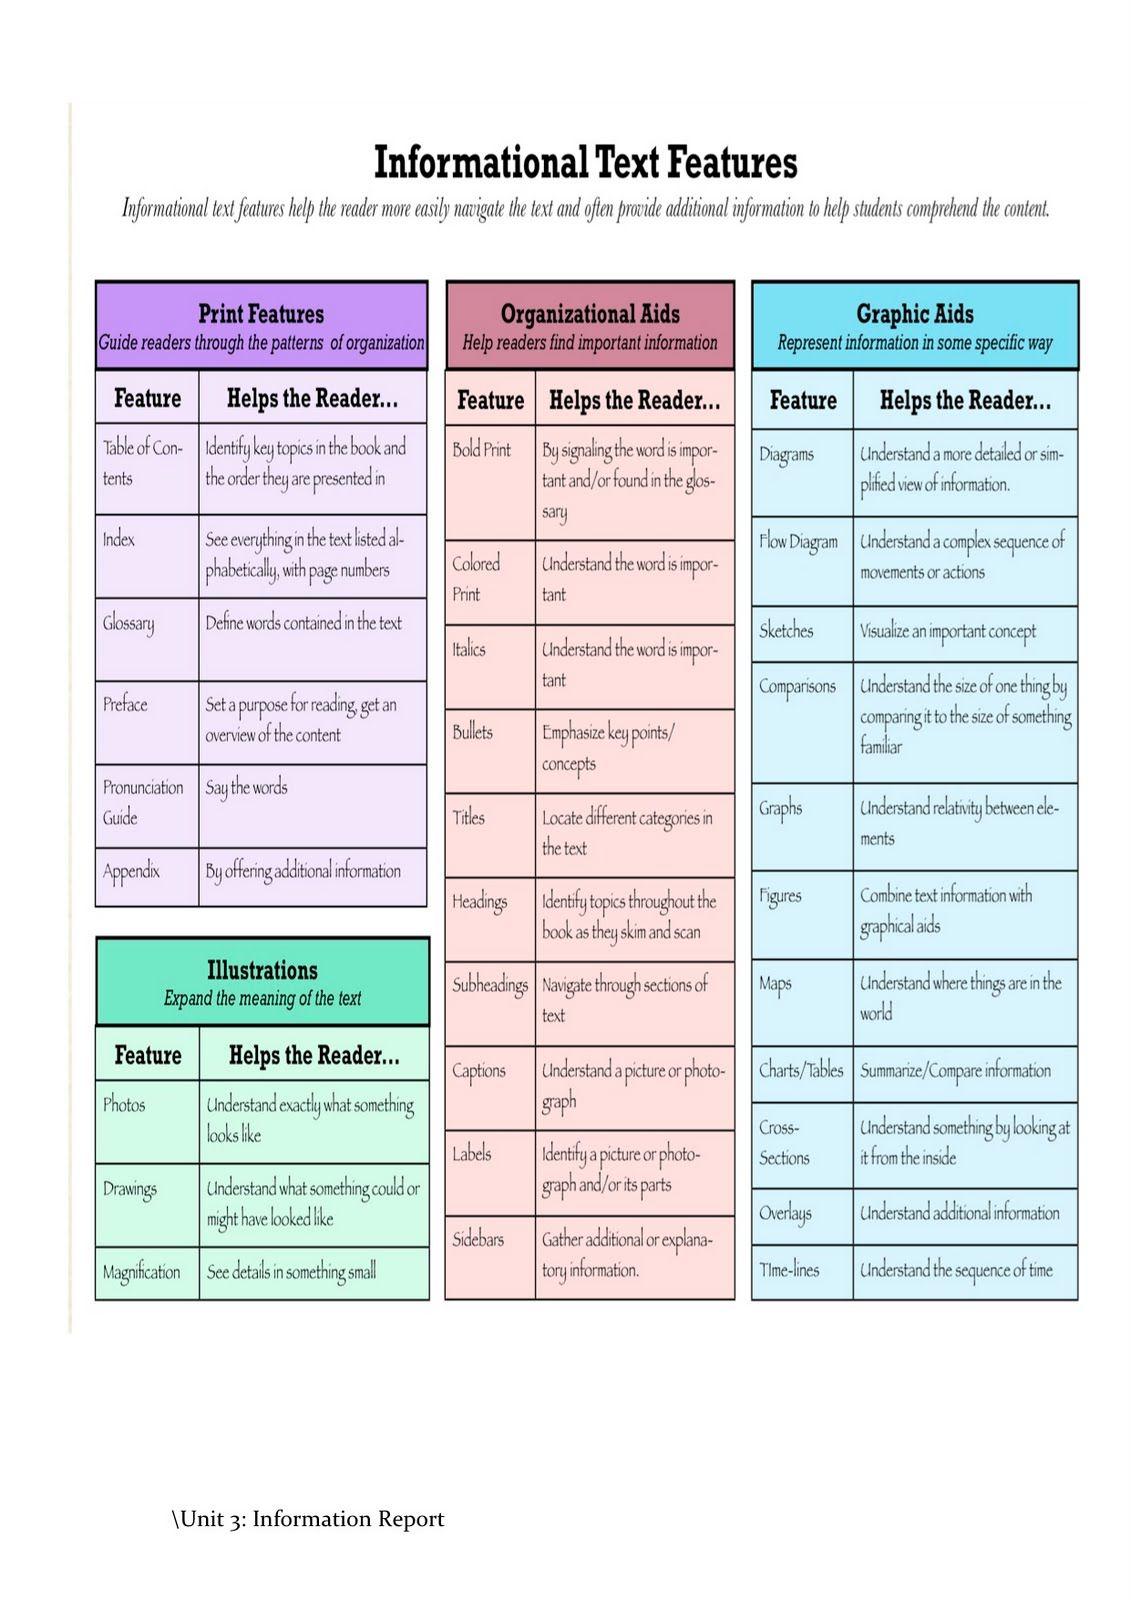 Http 3 Bp Blogspot Com Nex3ytmv8im S8zqxbblehi Aaaaaaaaaug Nfdddniutre S1600 Unit 2 Jpg Text Features Middle School Reading Informational Text Features